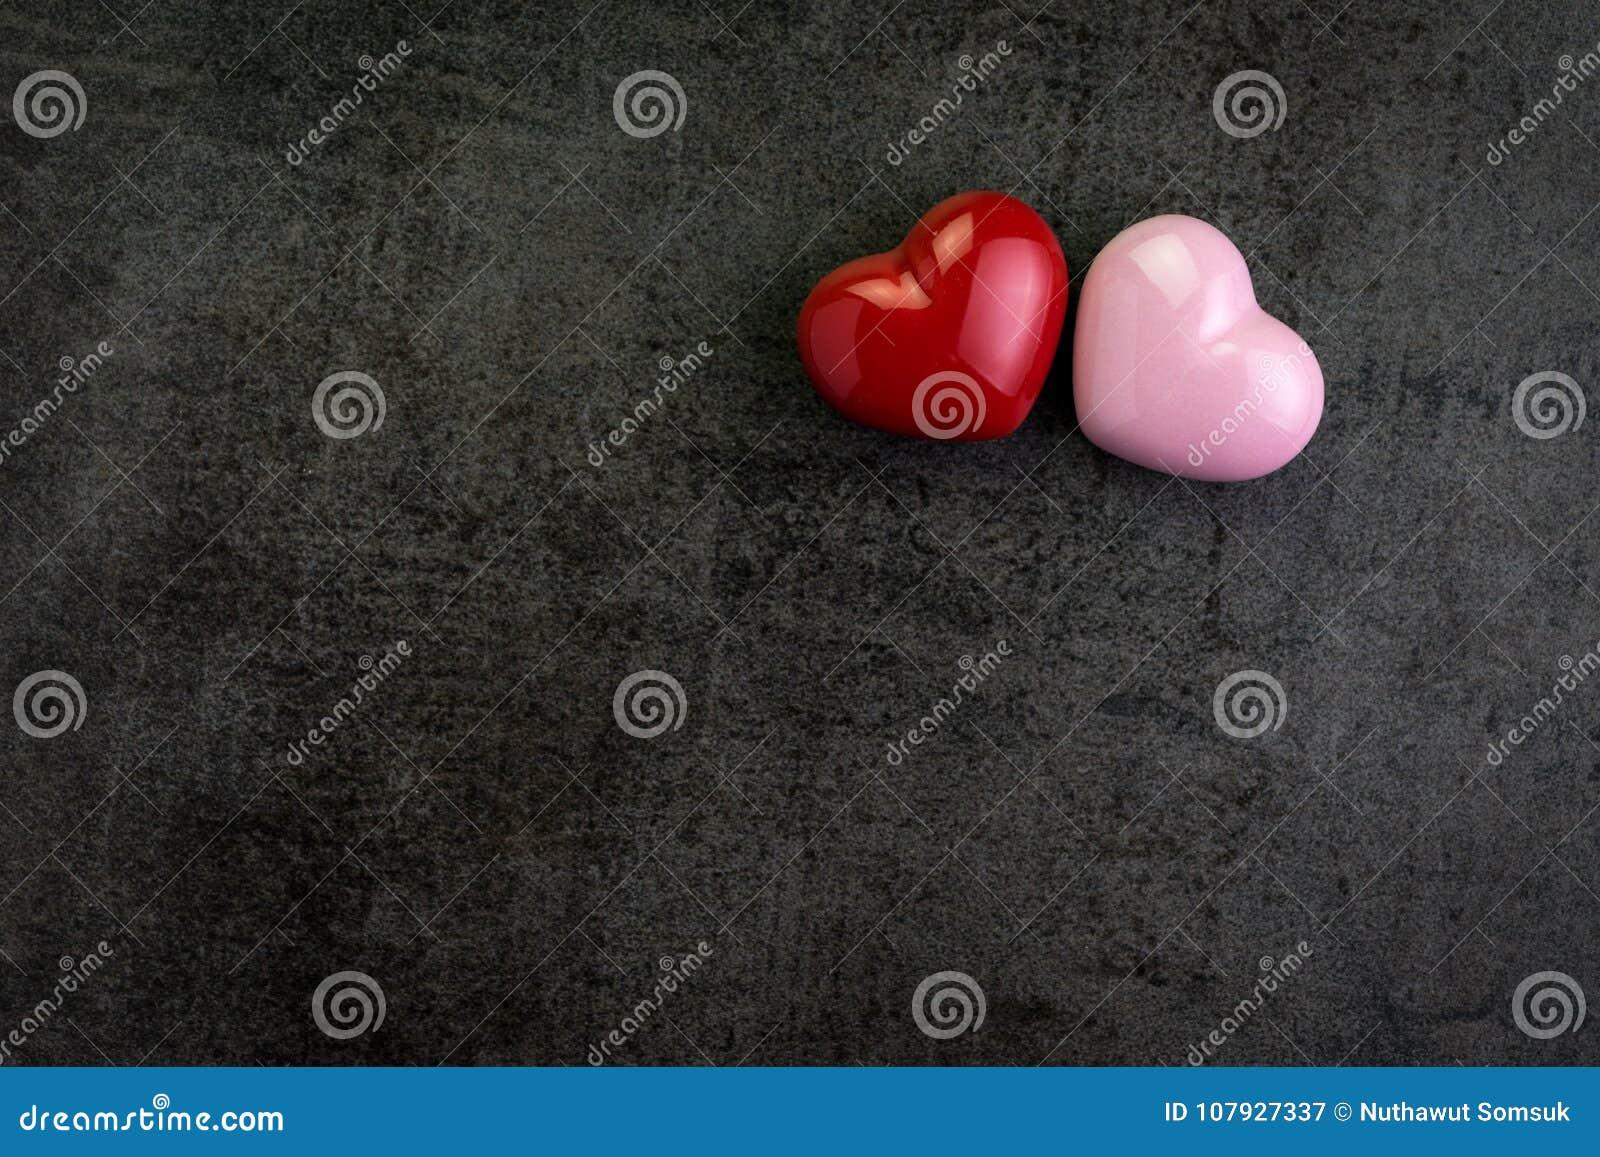 Las tarjetas del día de San Valentín wallpaper o fondo con forma roja y rosada del corazón